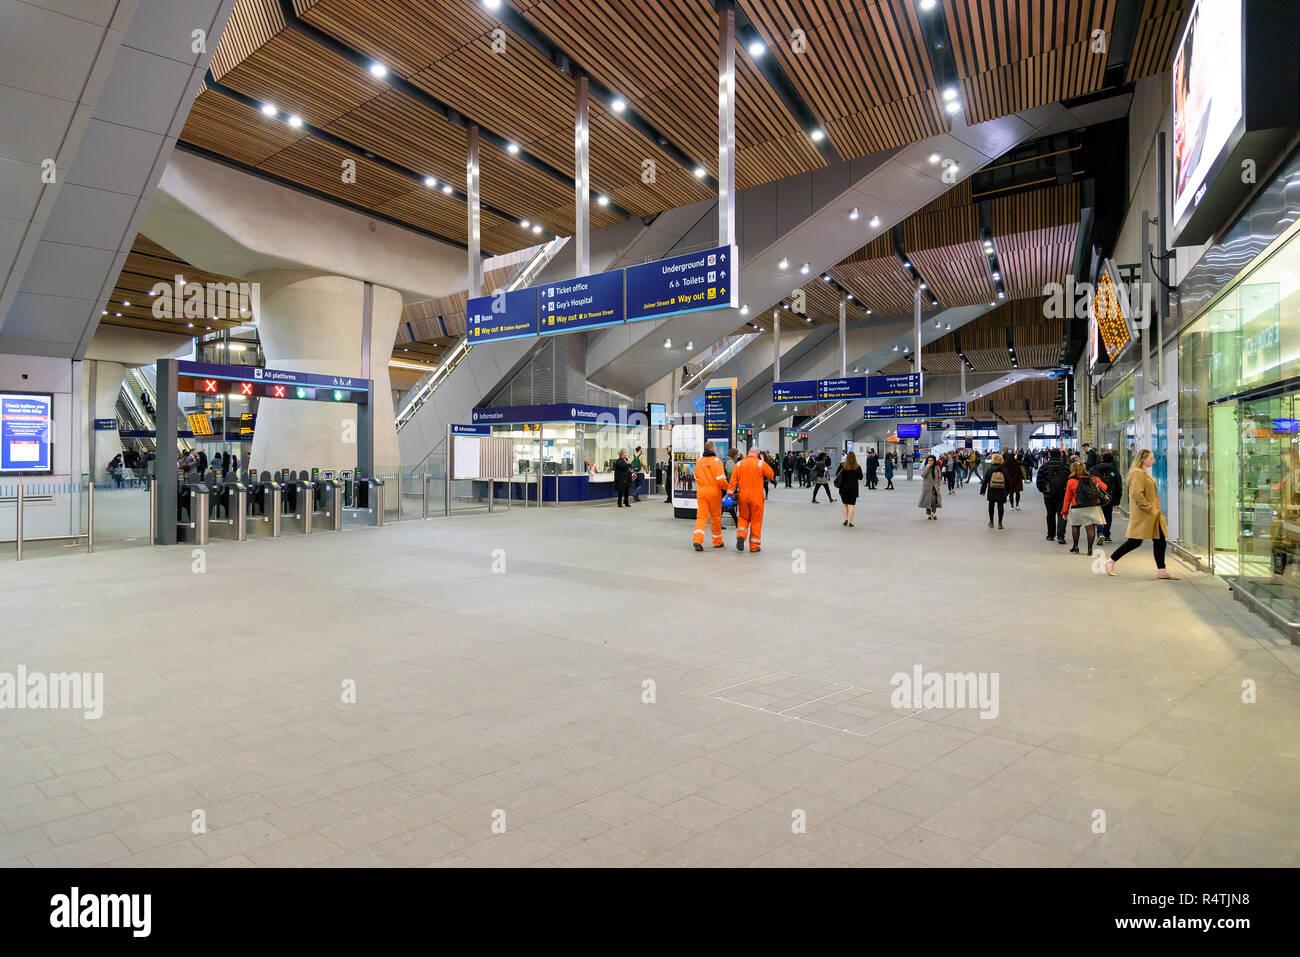 London, UK - April 26, 2018: Passengers at the London Bridge train station hall Stock Photo